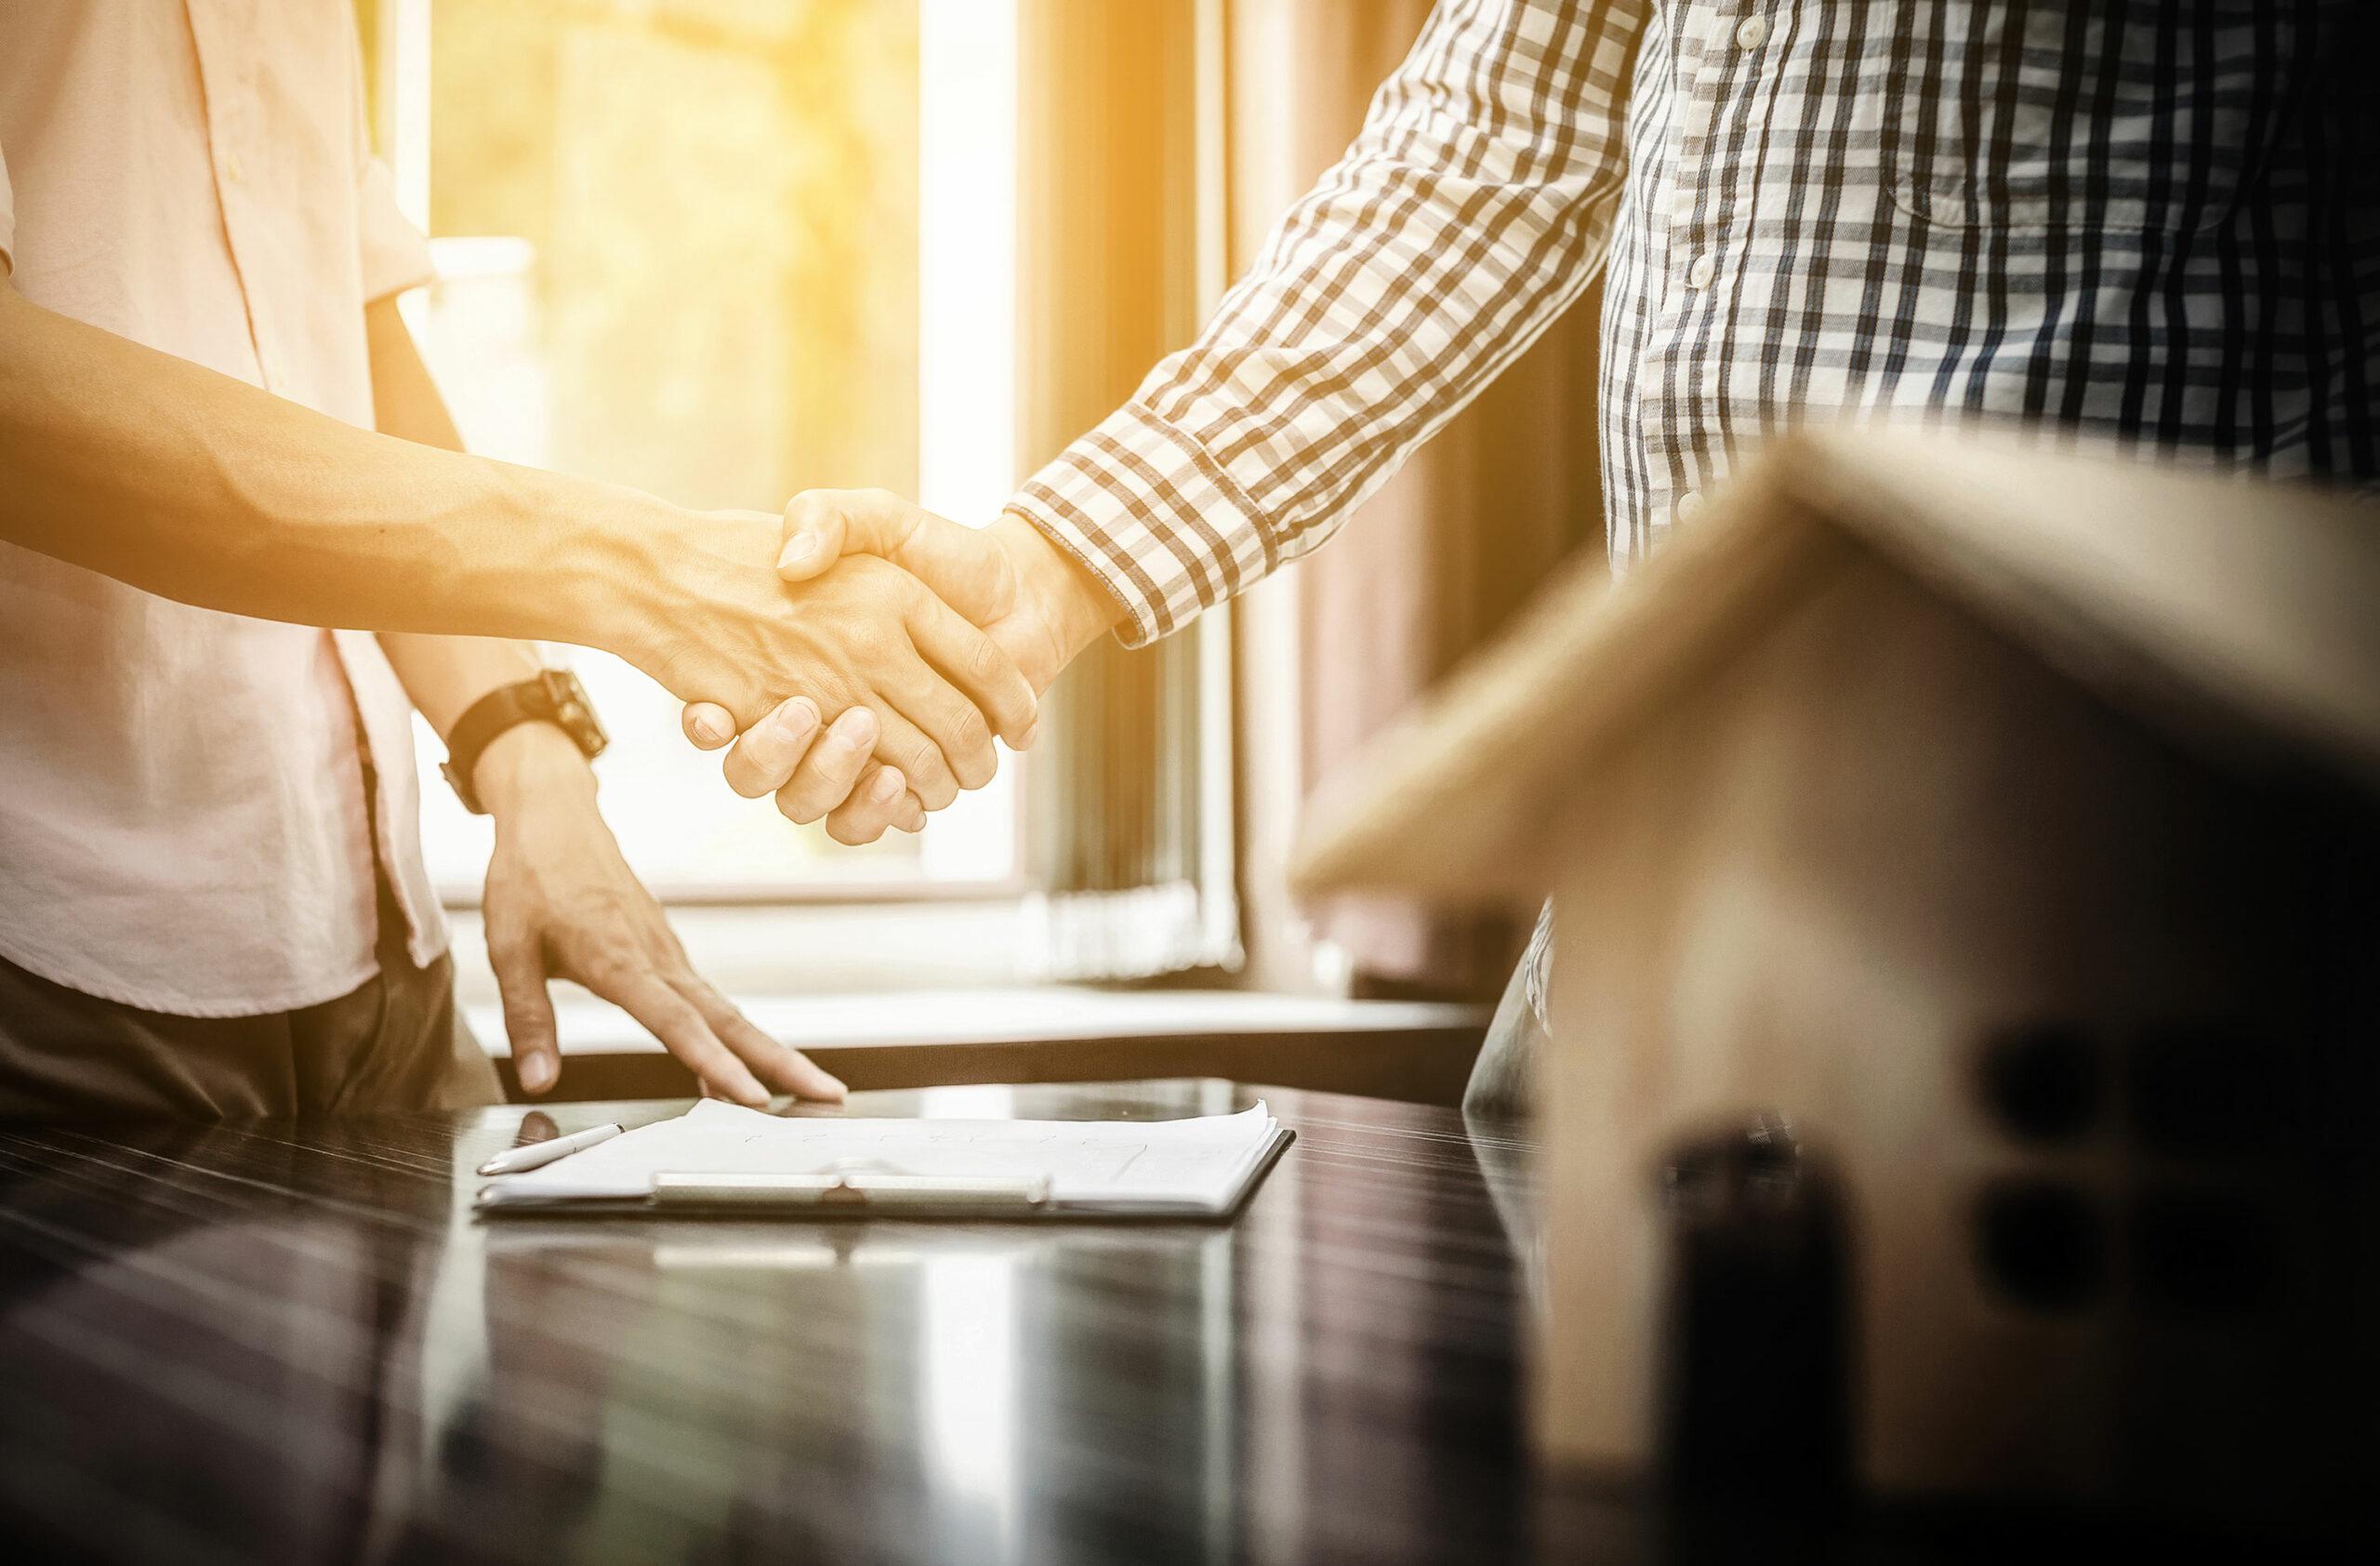 Unterzeichnung eines Immobilienvertrags